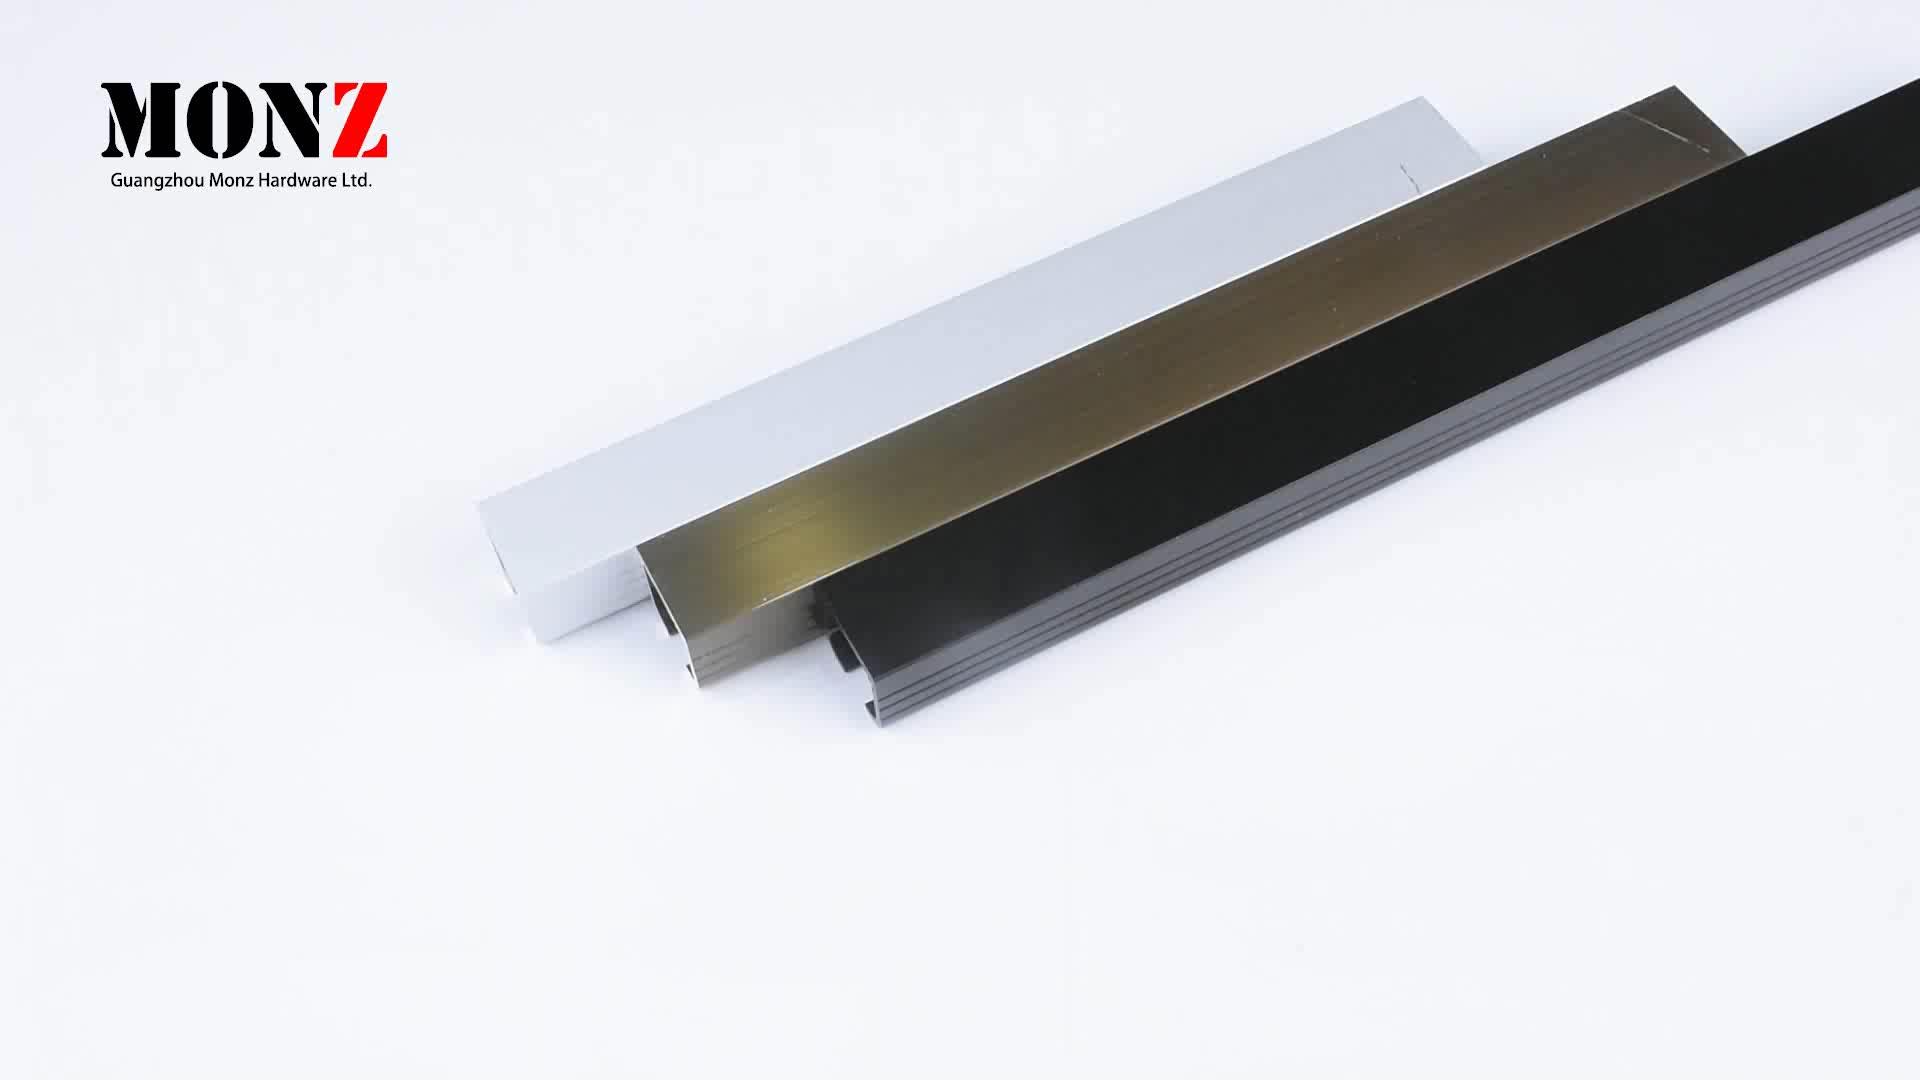 3.0mm मोटाई एल्यूमीनियम ट्रैक फिसलने दरवाजा प्रणाली ट्रैक लकड़ी और धातु ग्लास Bifold दरवाजा kitting तह दरवाजा हार्डवेयर